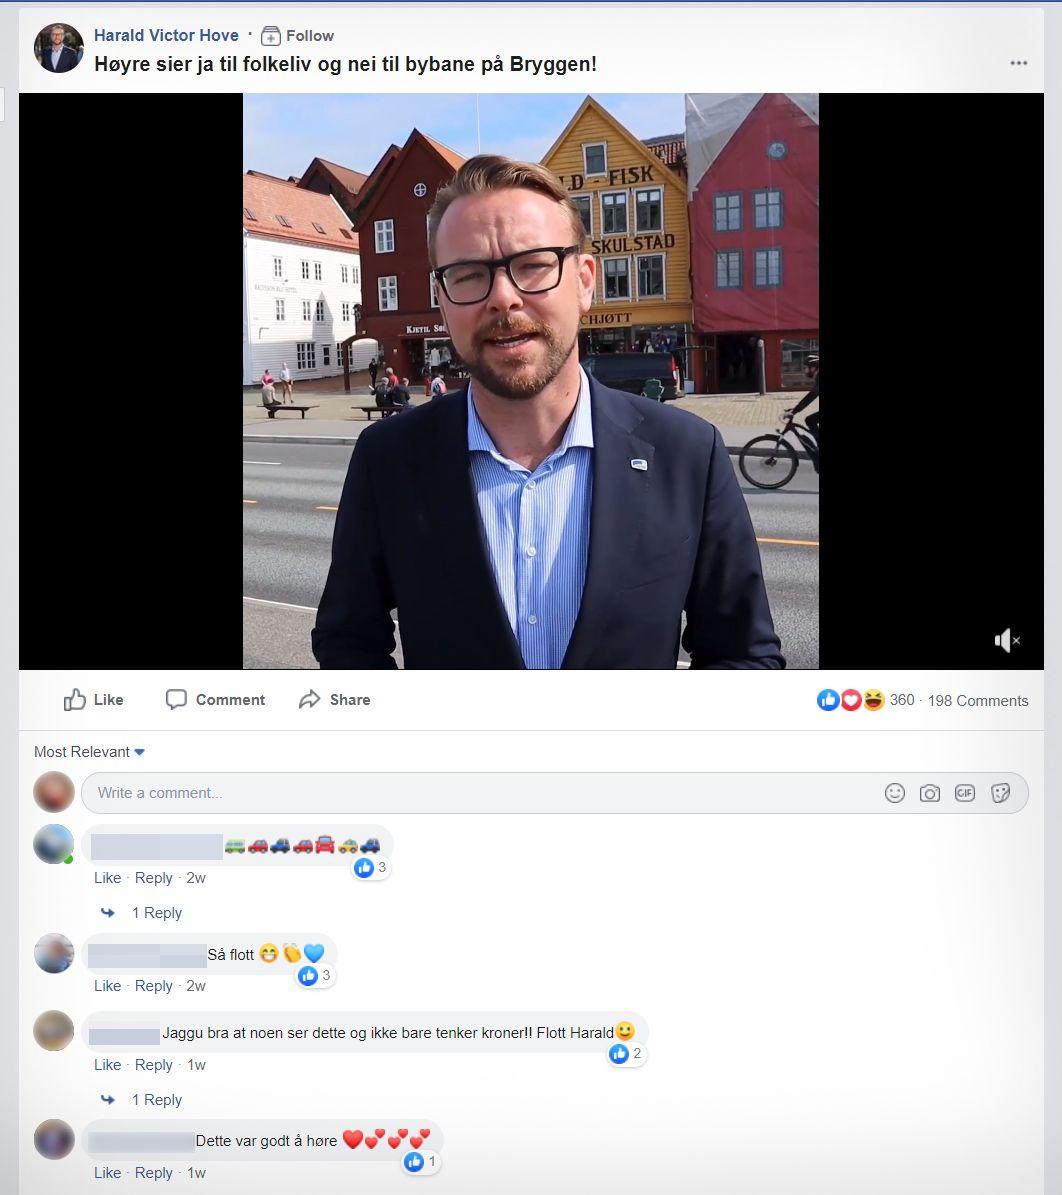 RYDDET BORT: Høyre har skjult kritiske kommentarer under denne videoen fra partiets kandidat til jobben som byrådsleder i Bergen, Harald Victor Hove. Faksimile fra Facebook